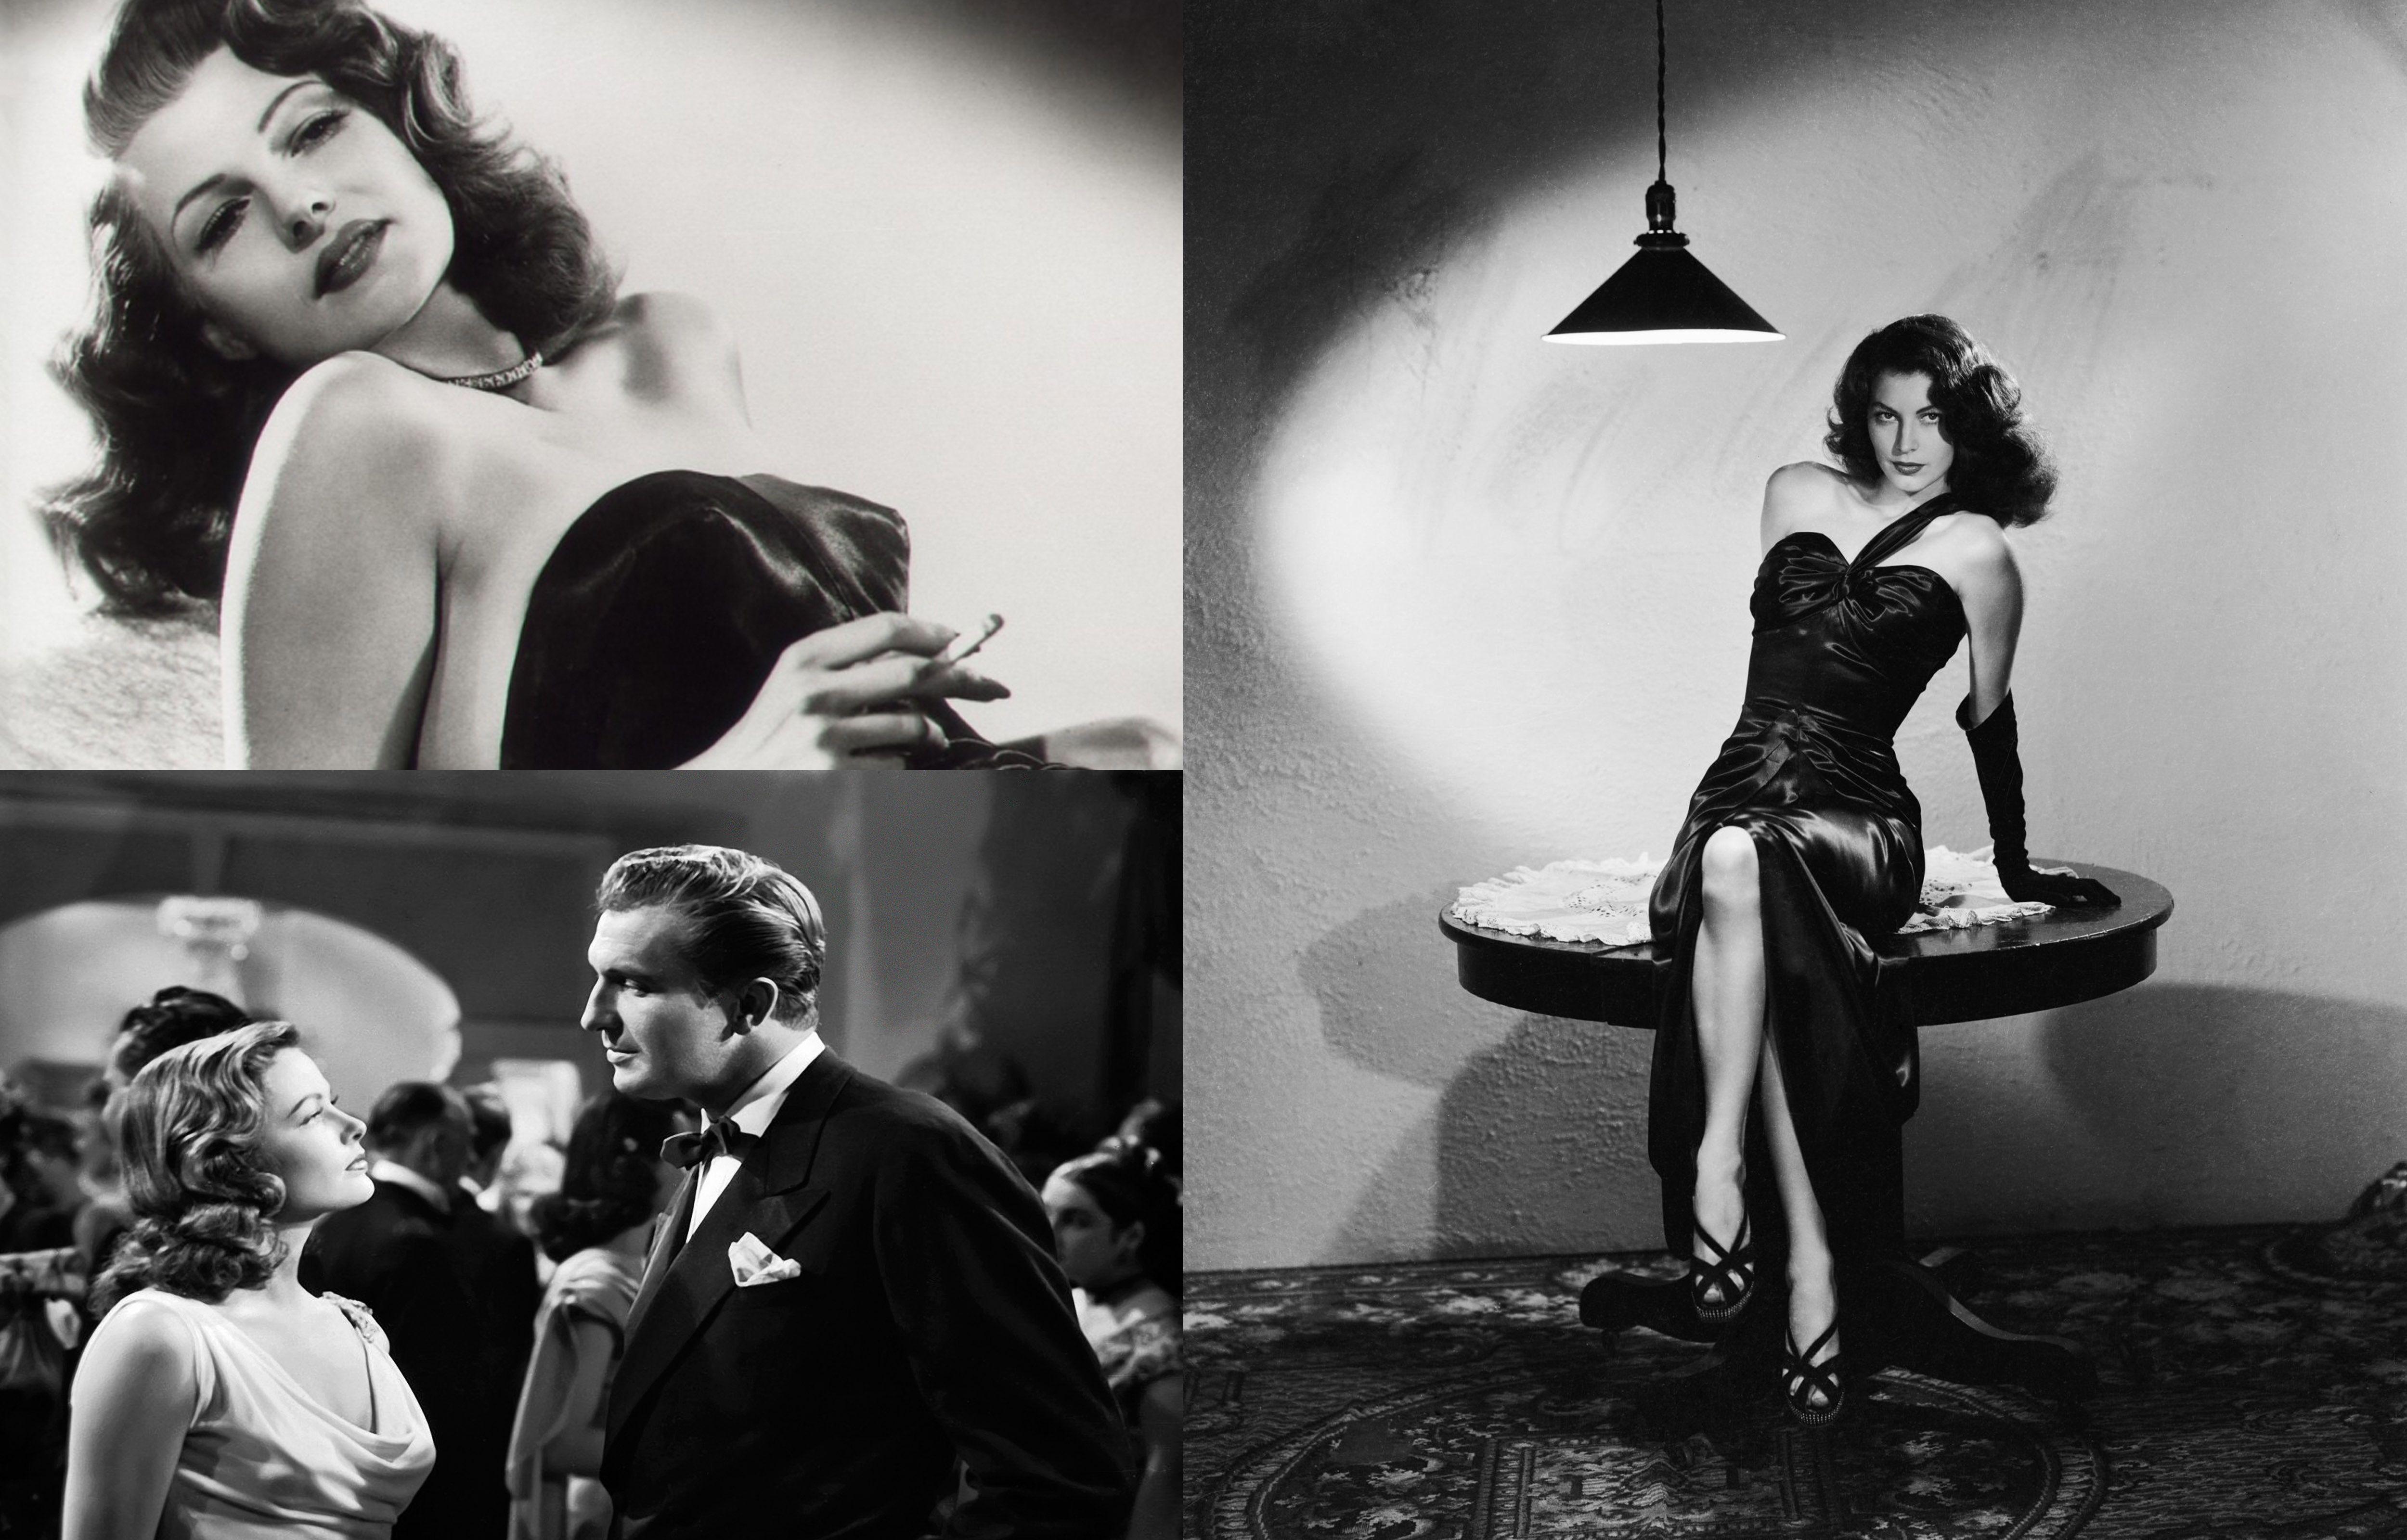 8d63e58c3 Cherchez la femme fatale  film noir fashion of the 1940 s